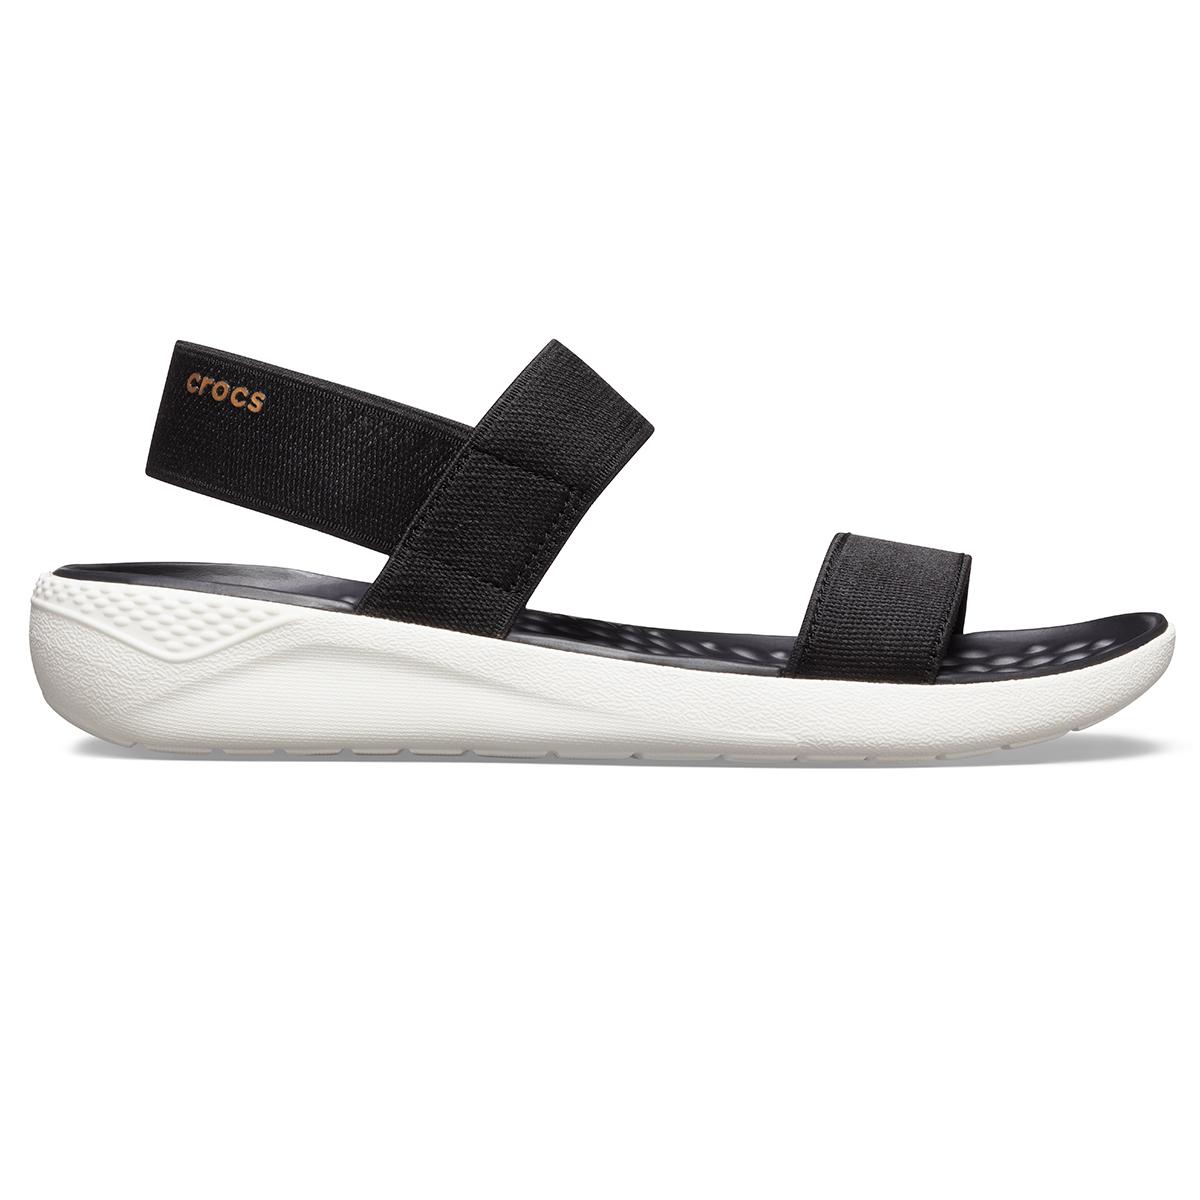 Crocs LiteRide Sandal W - Siyah/Beyaz